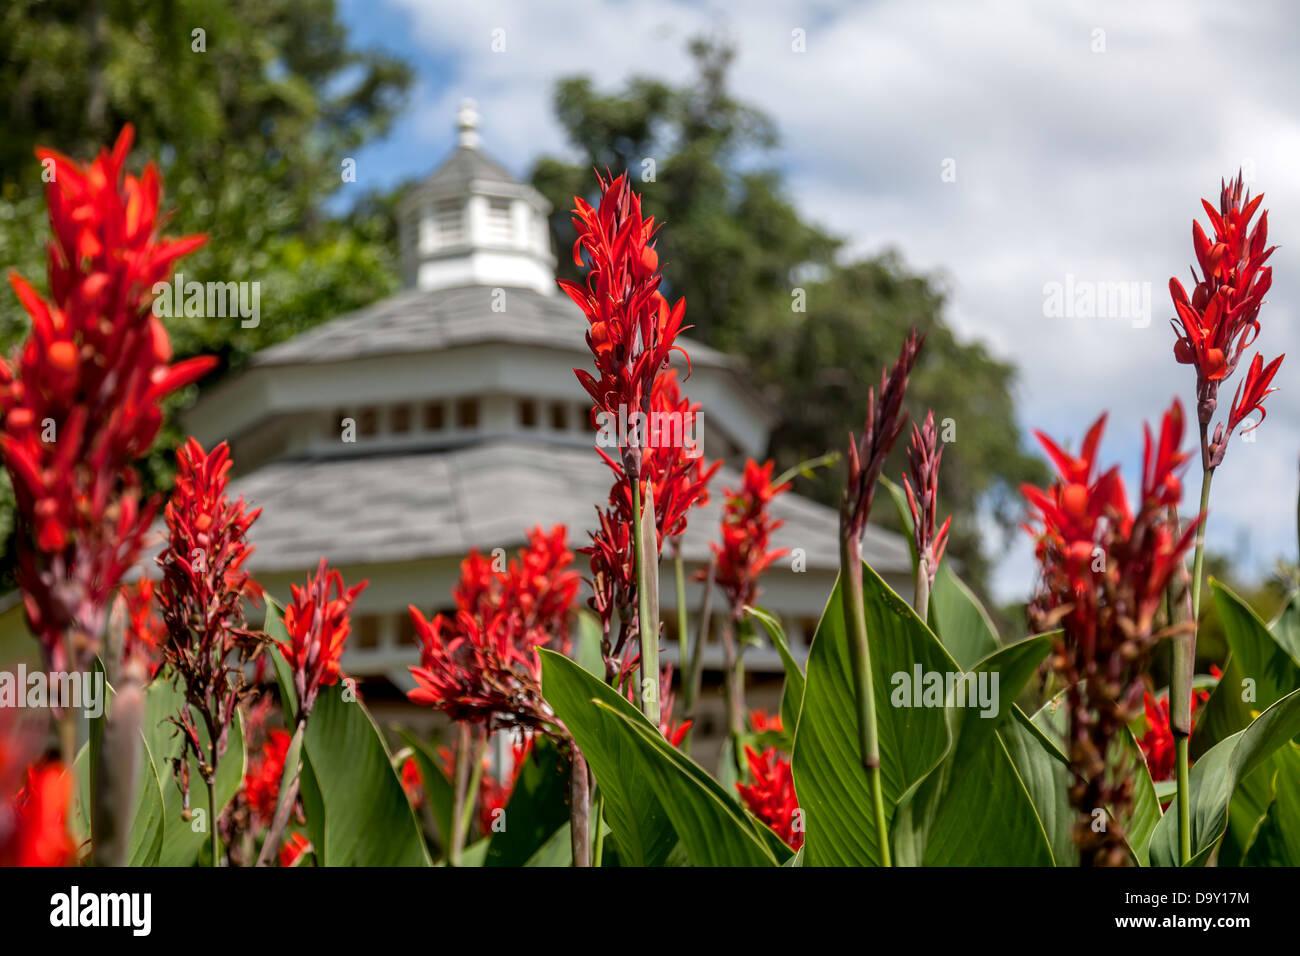 Rot Canna (Canna X generalis) oder Cannas Lilien blühen mit einer Gartenlaube im Hintergrund sichtbar. Stockbild